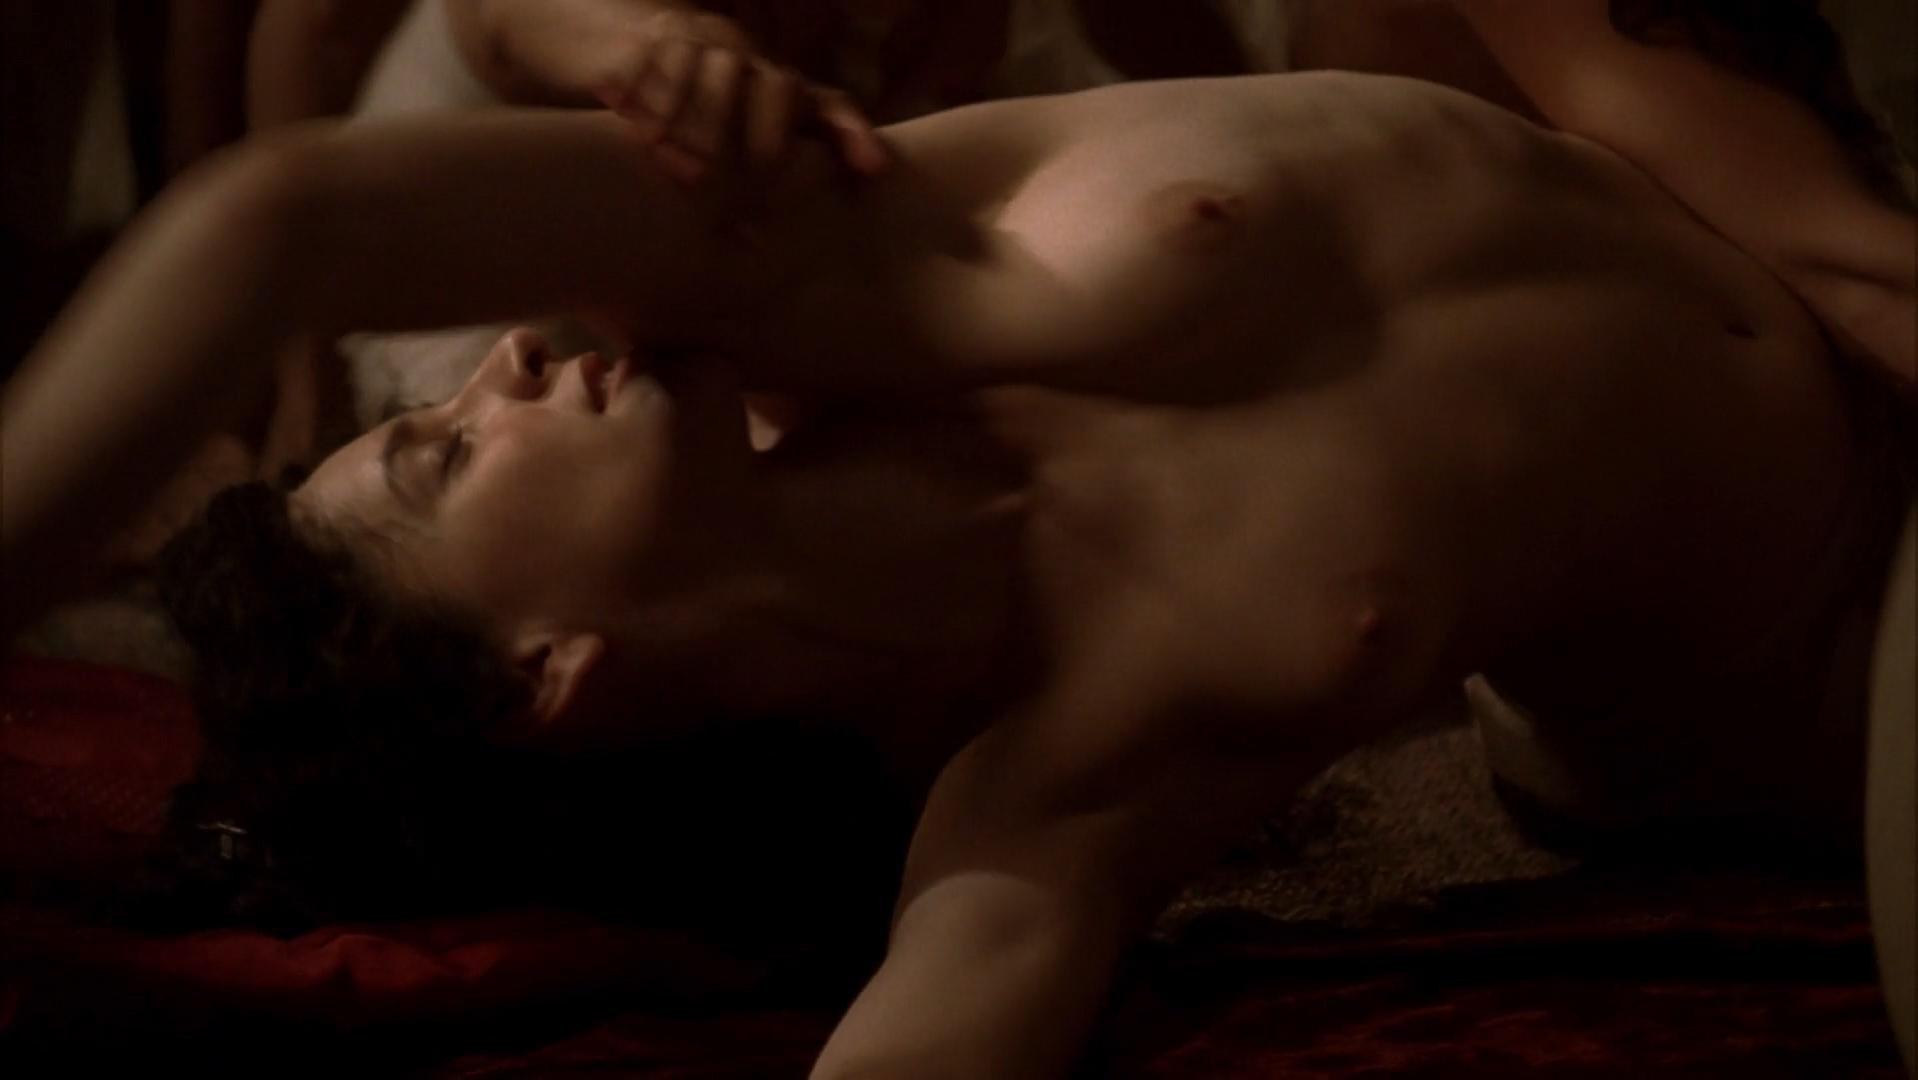 free brutal porn video